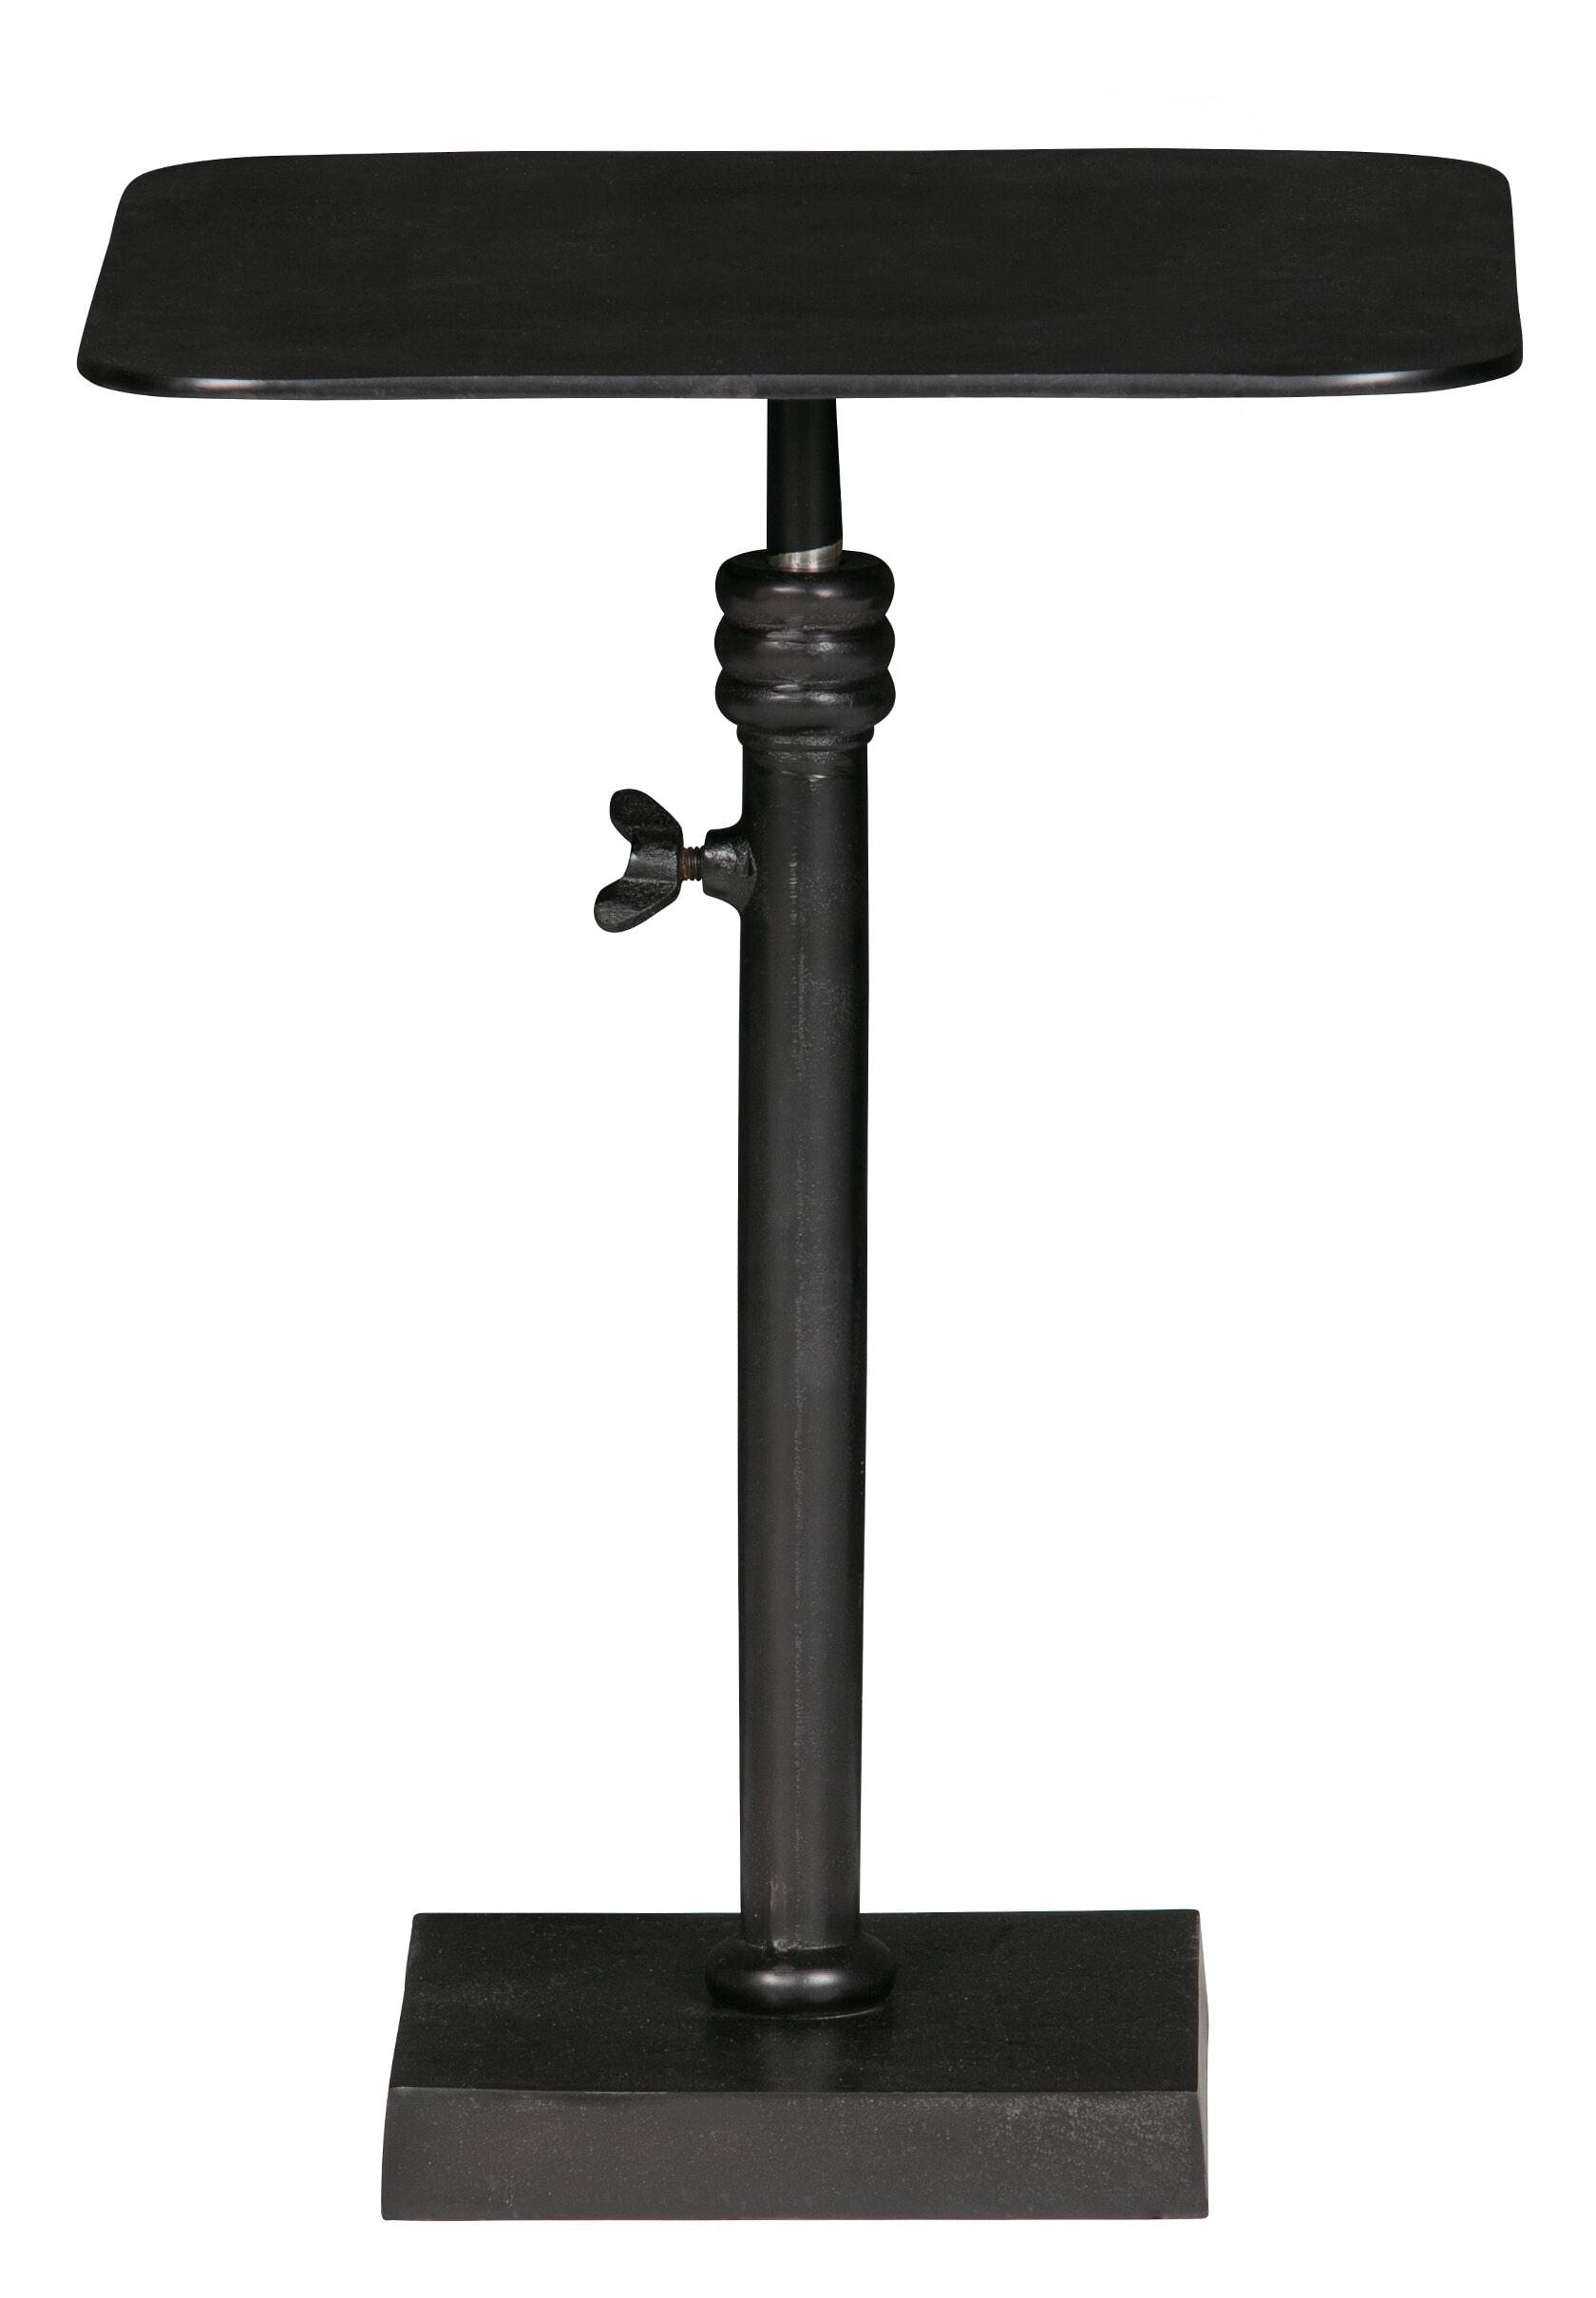 BePureHome Atelier Bijzettafel Metaal Mat zwart 50x35x35 online kopen